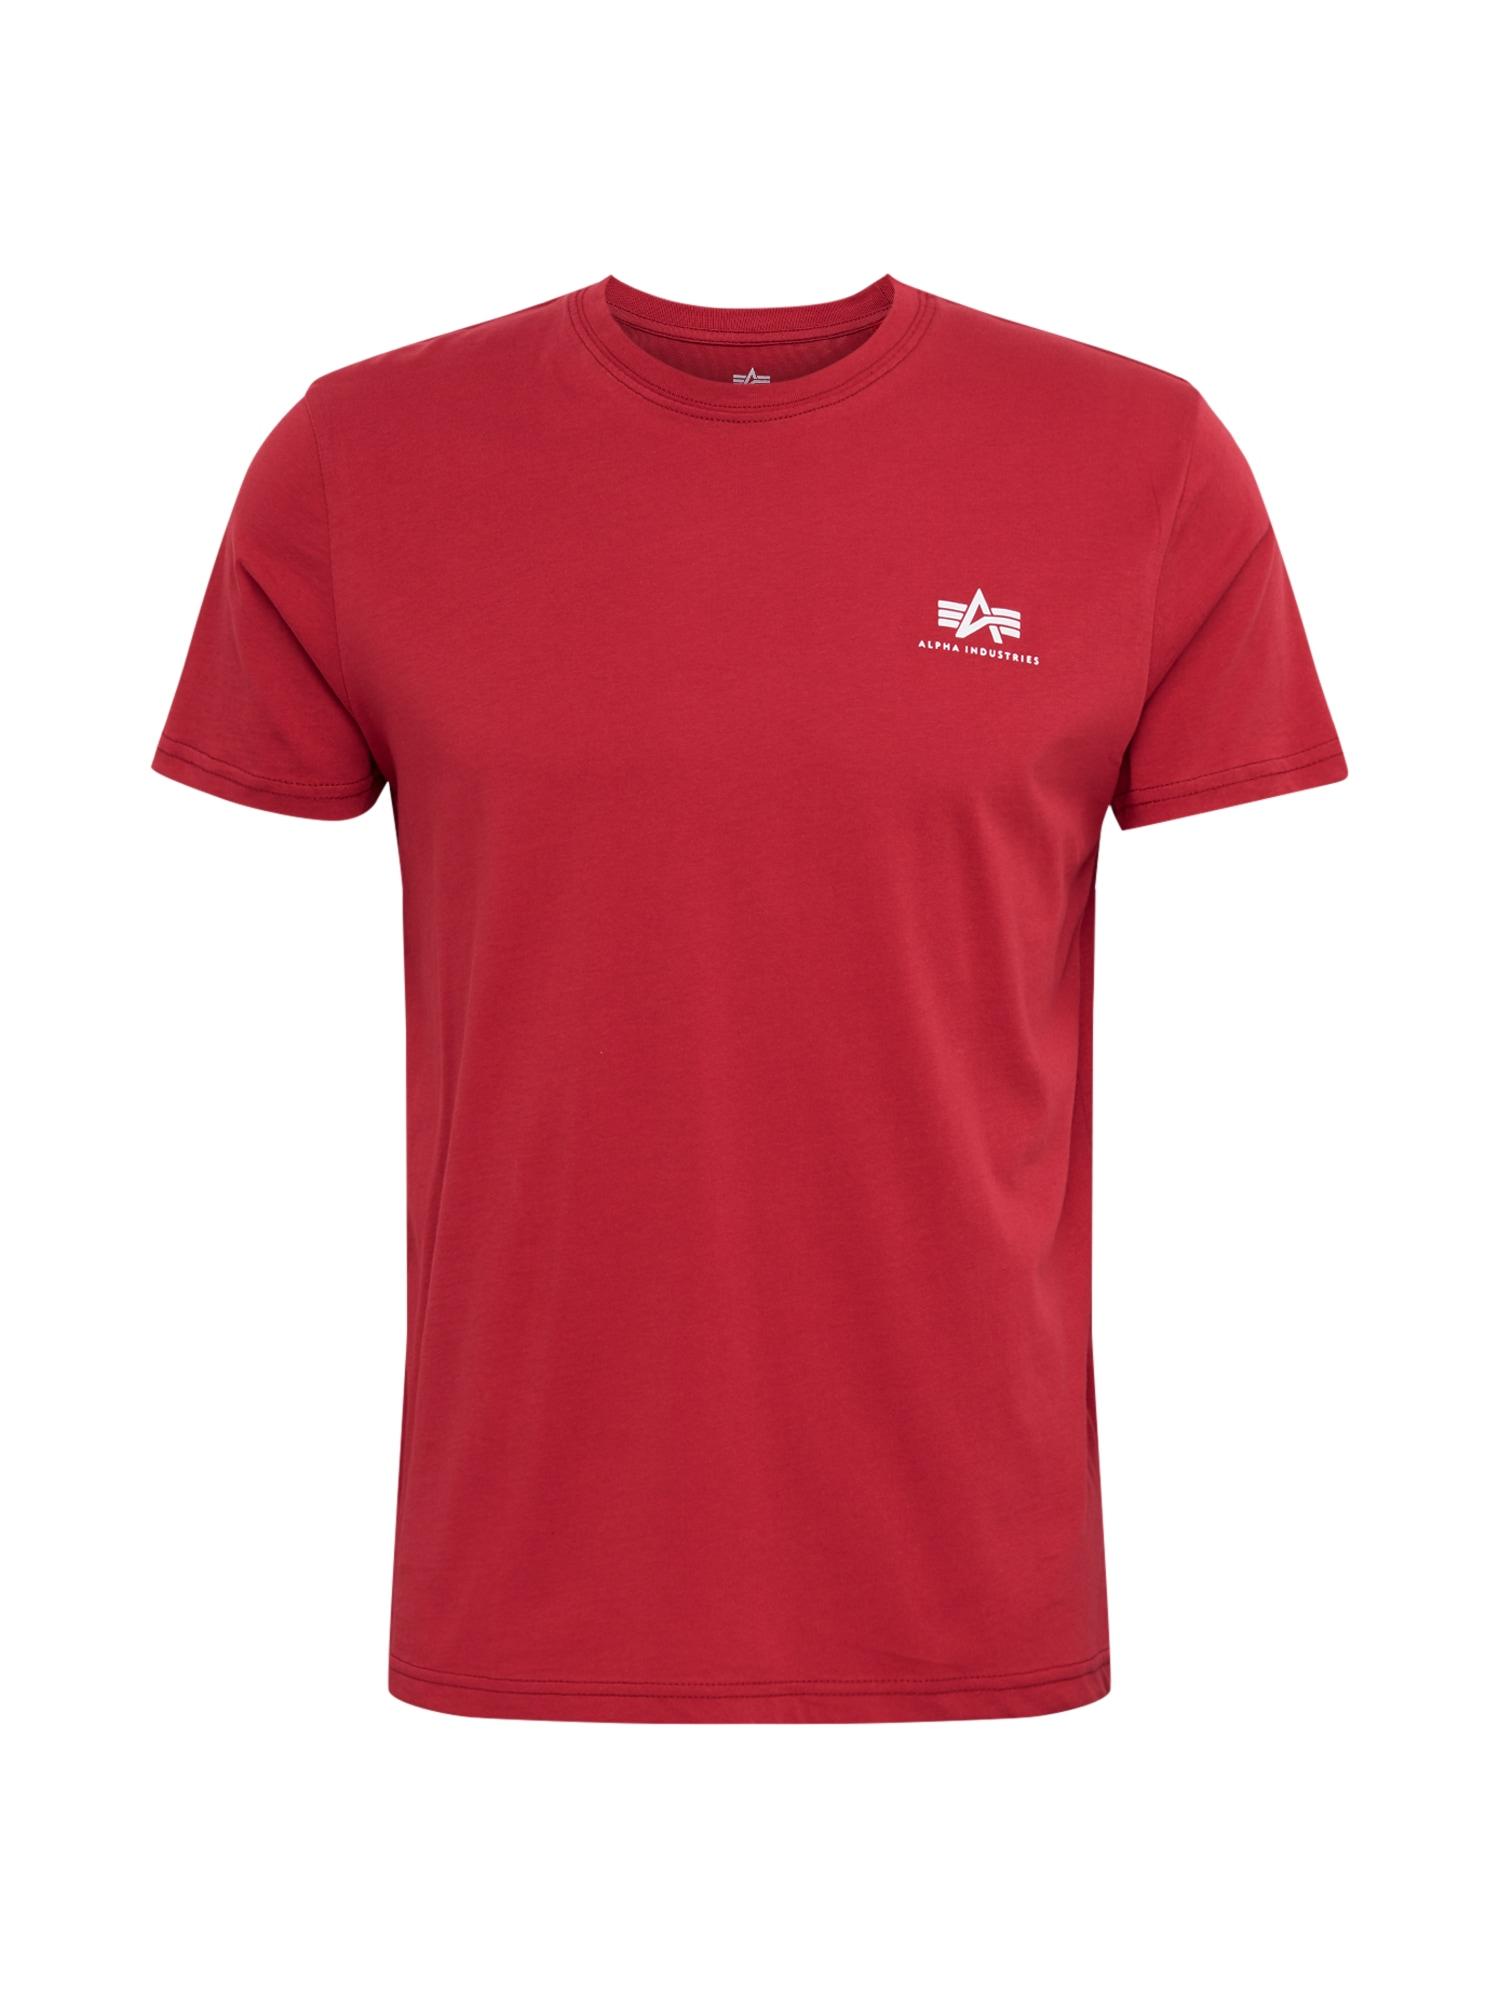 ALPHA INDUSTRIES Marškinėliai raudona